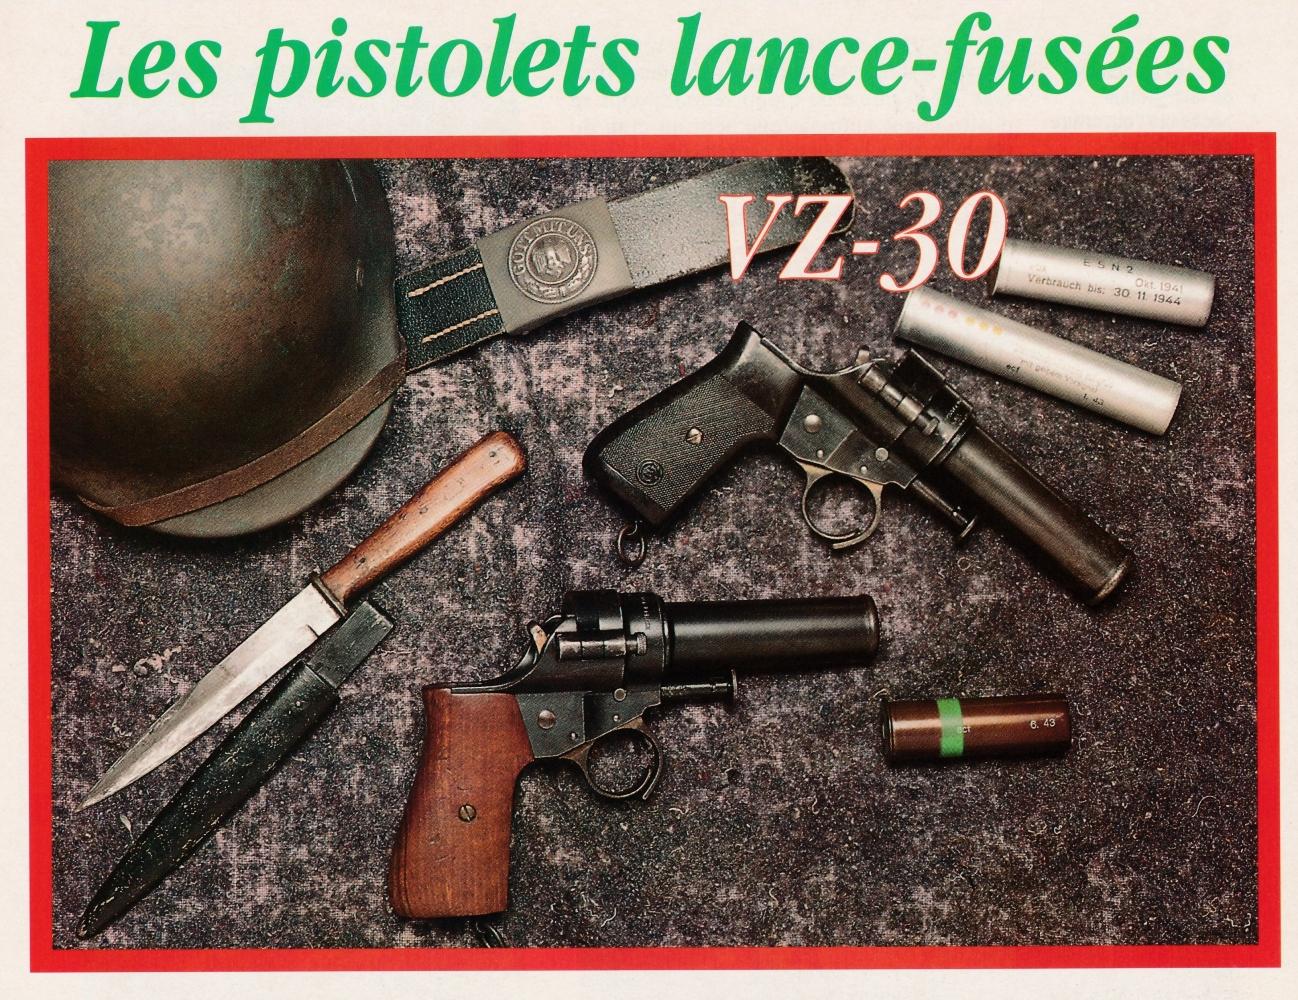 Dans un contexte de combattant allemand de 1940, les deux variantes du pistolet tchèque VZ-30 sont accompagnées d'artifices allemands de calibre 4.